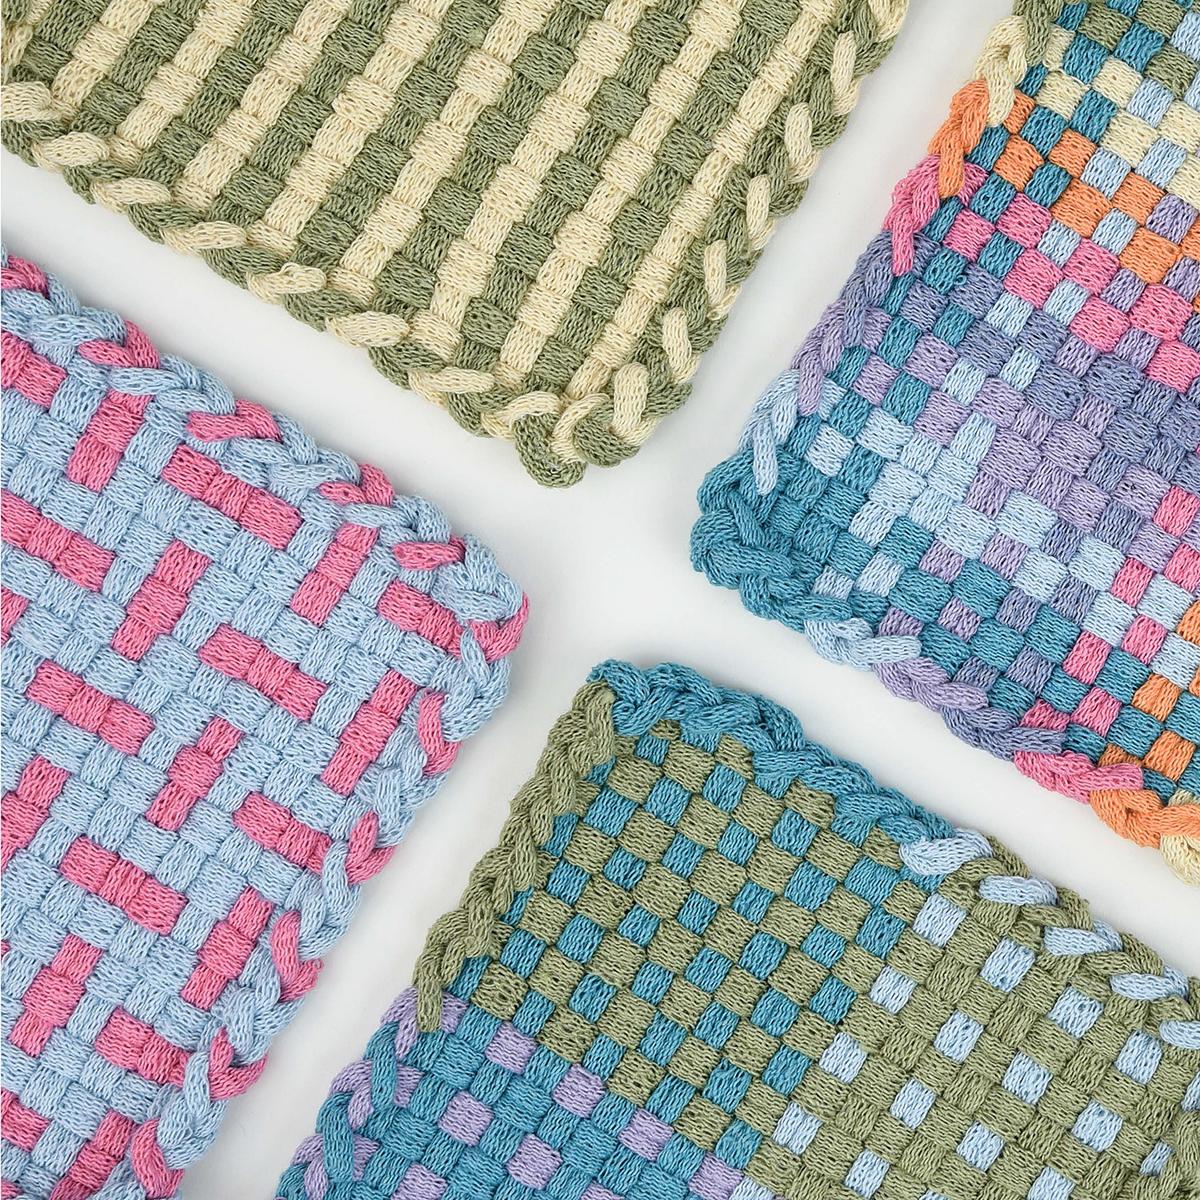 Potholder Loom Designs 140 Colorful Patterns Weaver House